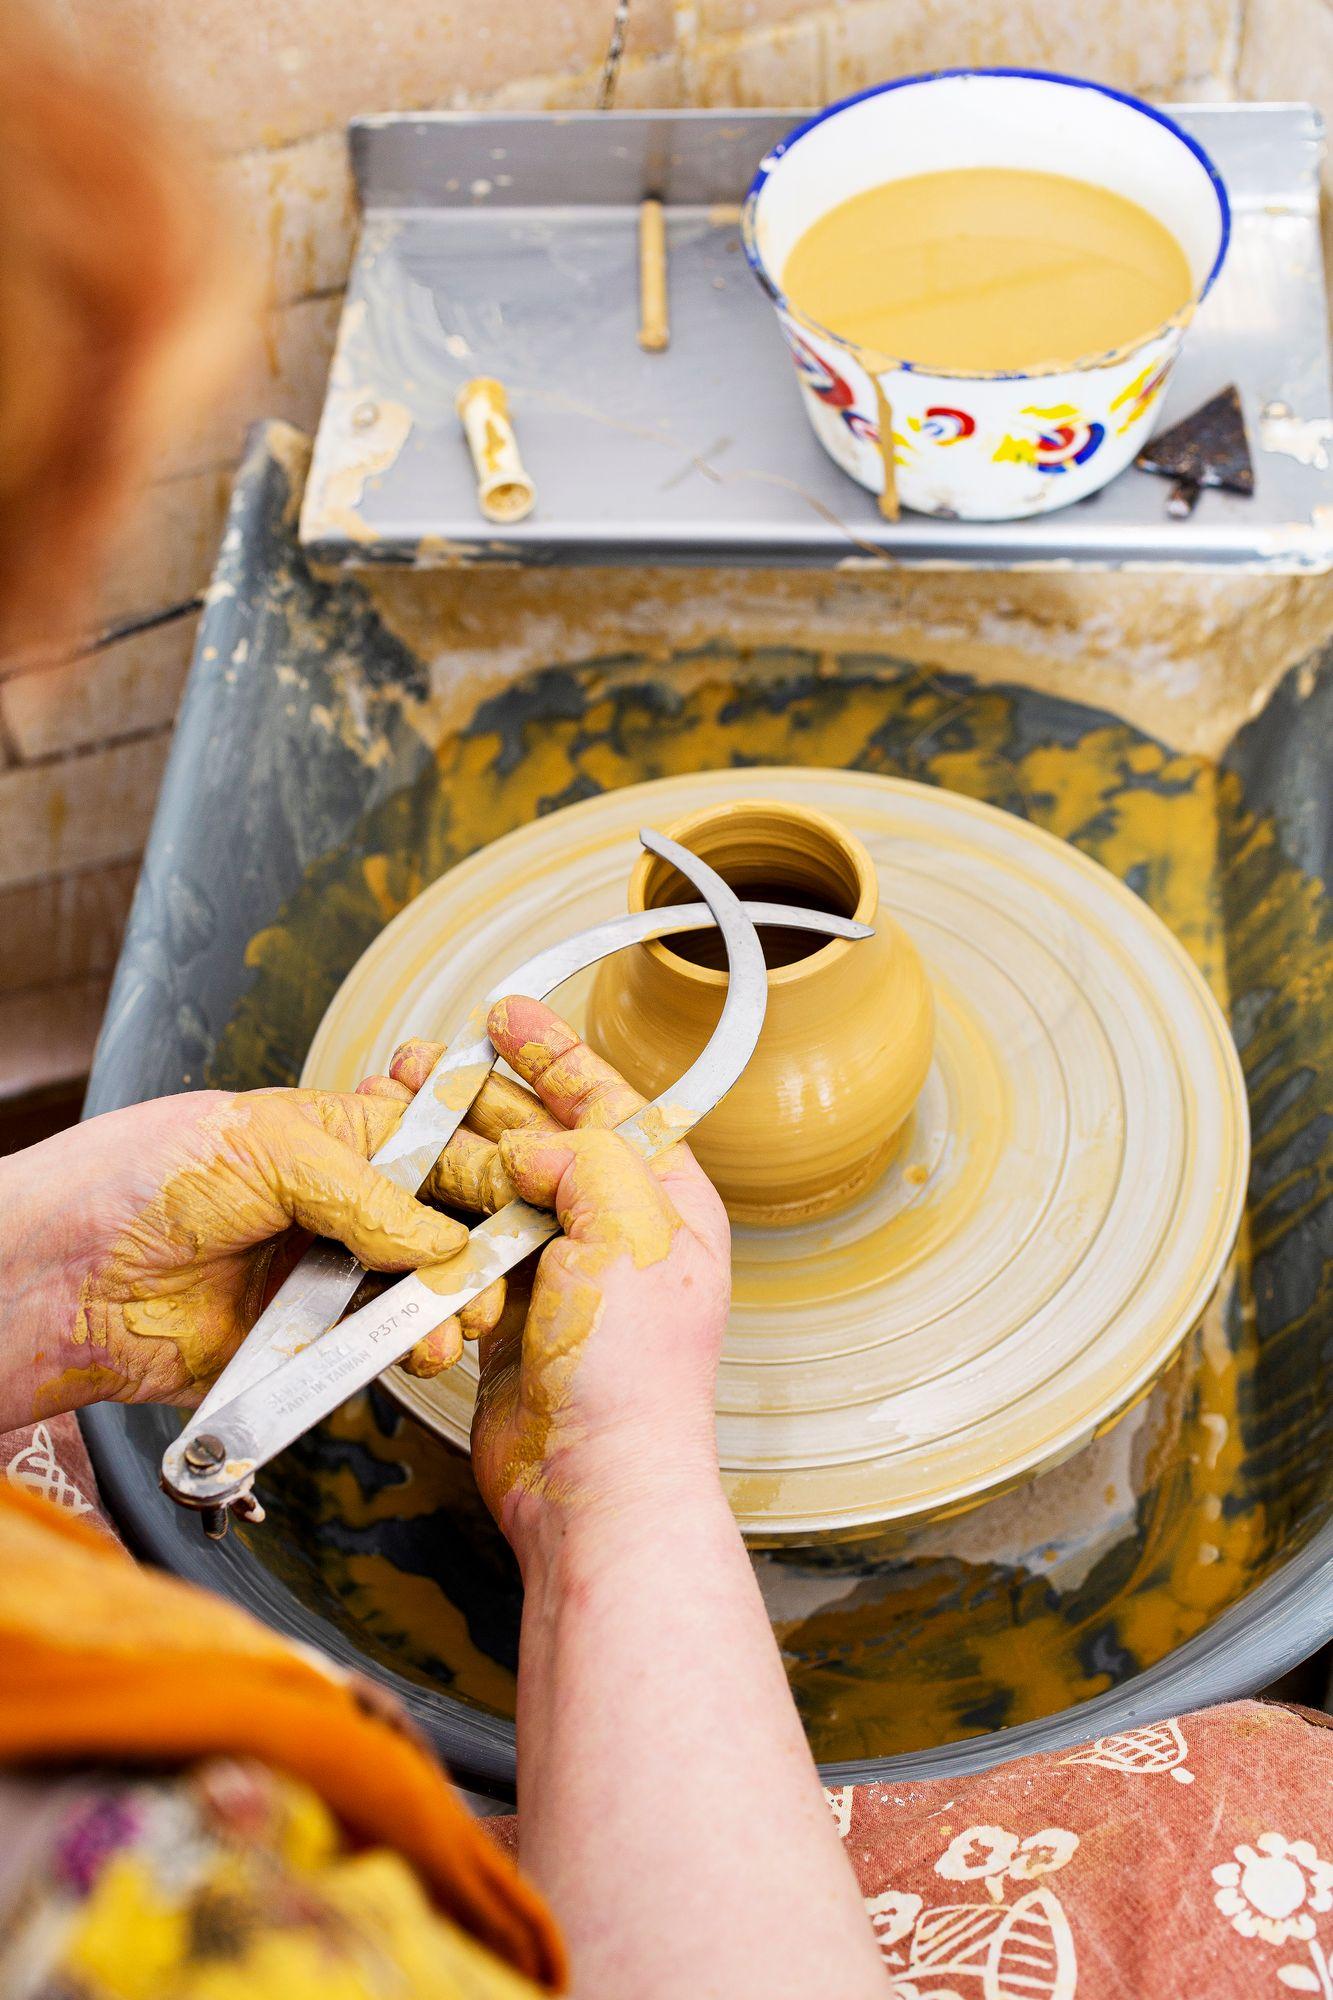 Susanna tekee jatkuvasti tilaustöitä: astiastoja, uurnia, koriste-esineitä lahjoiksi. © Tiiu Kaitalo